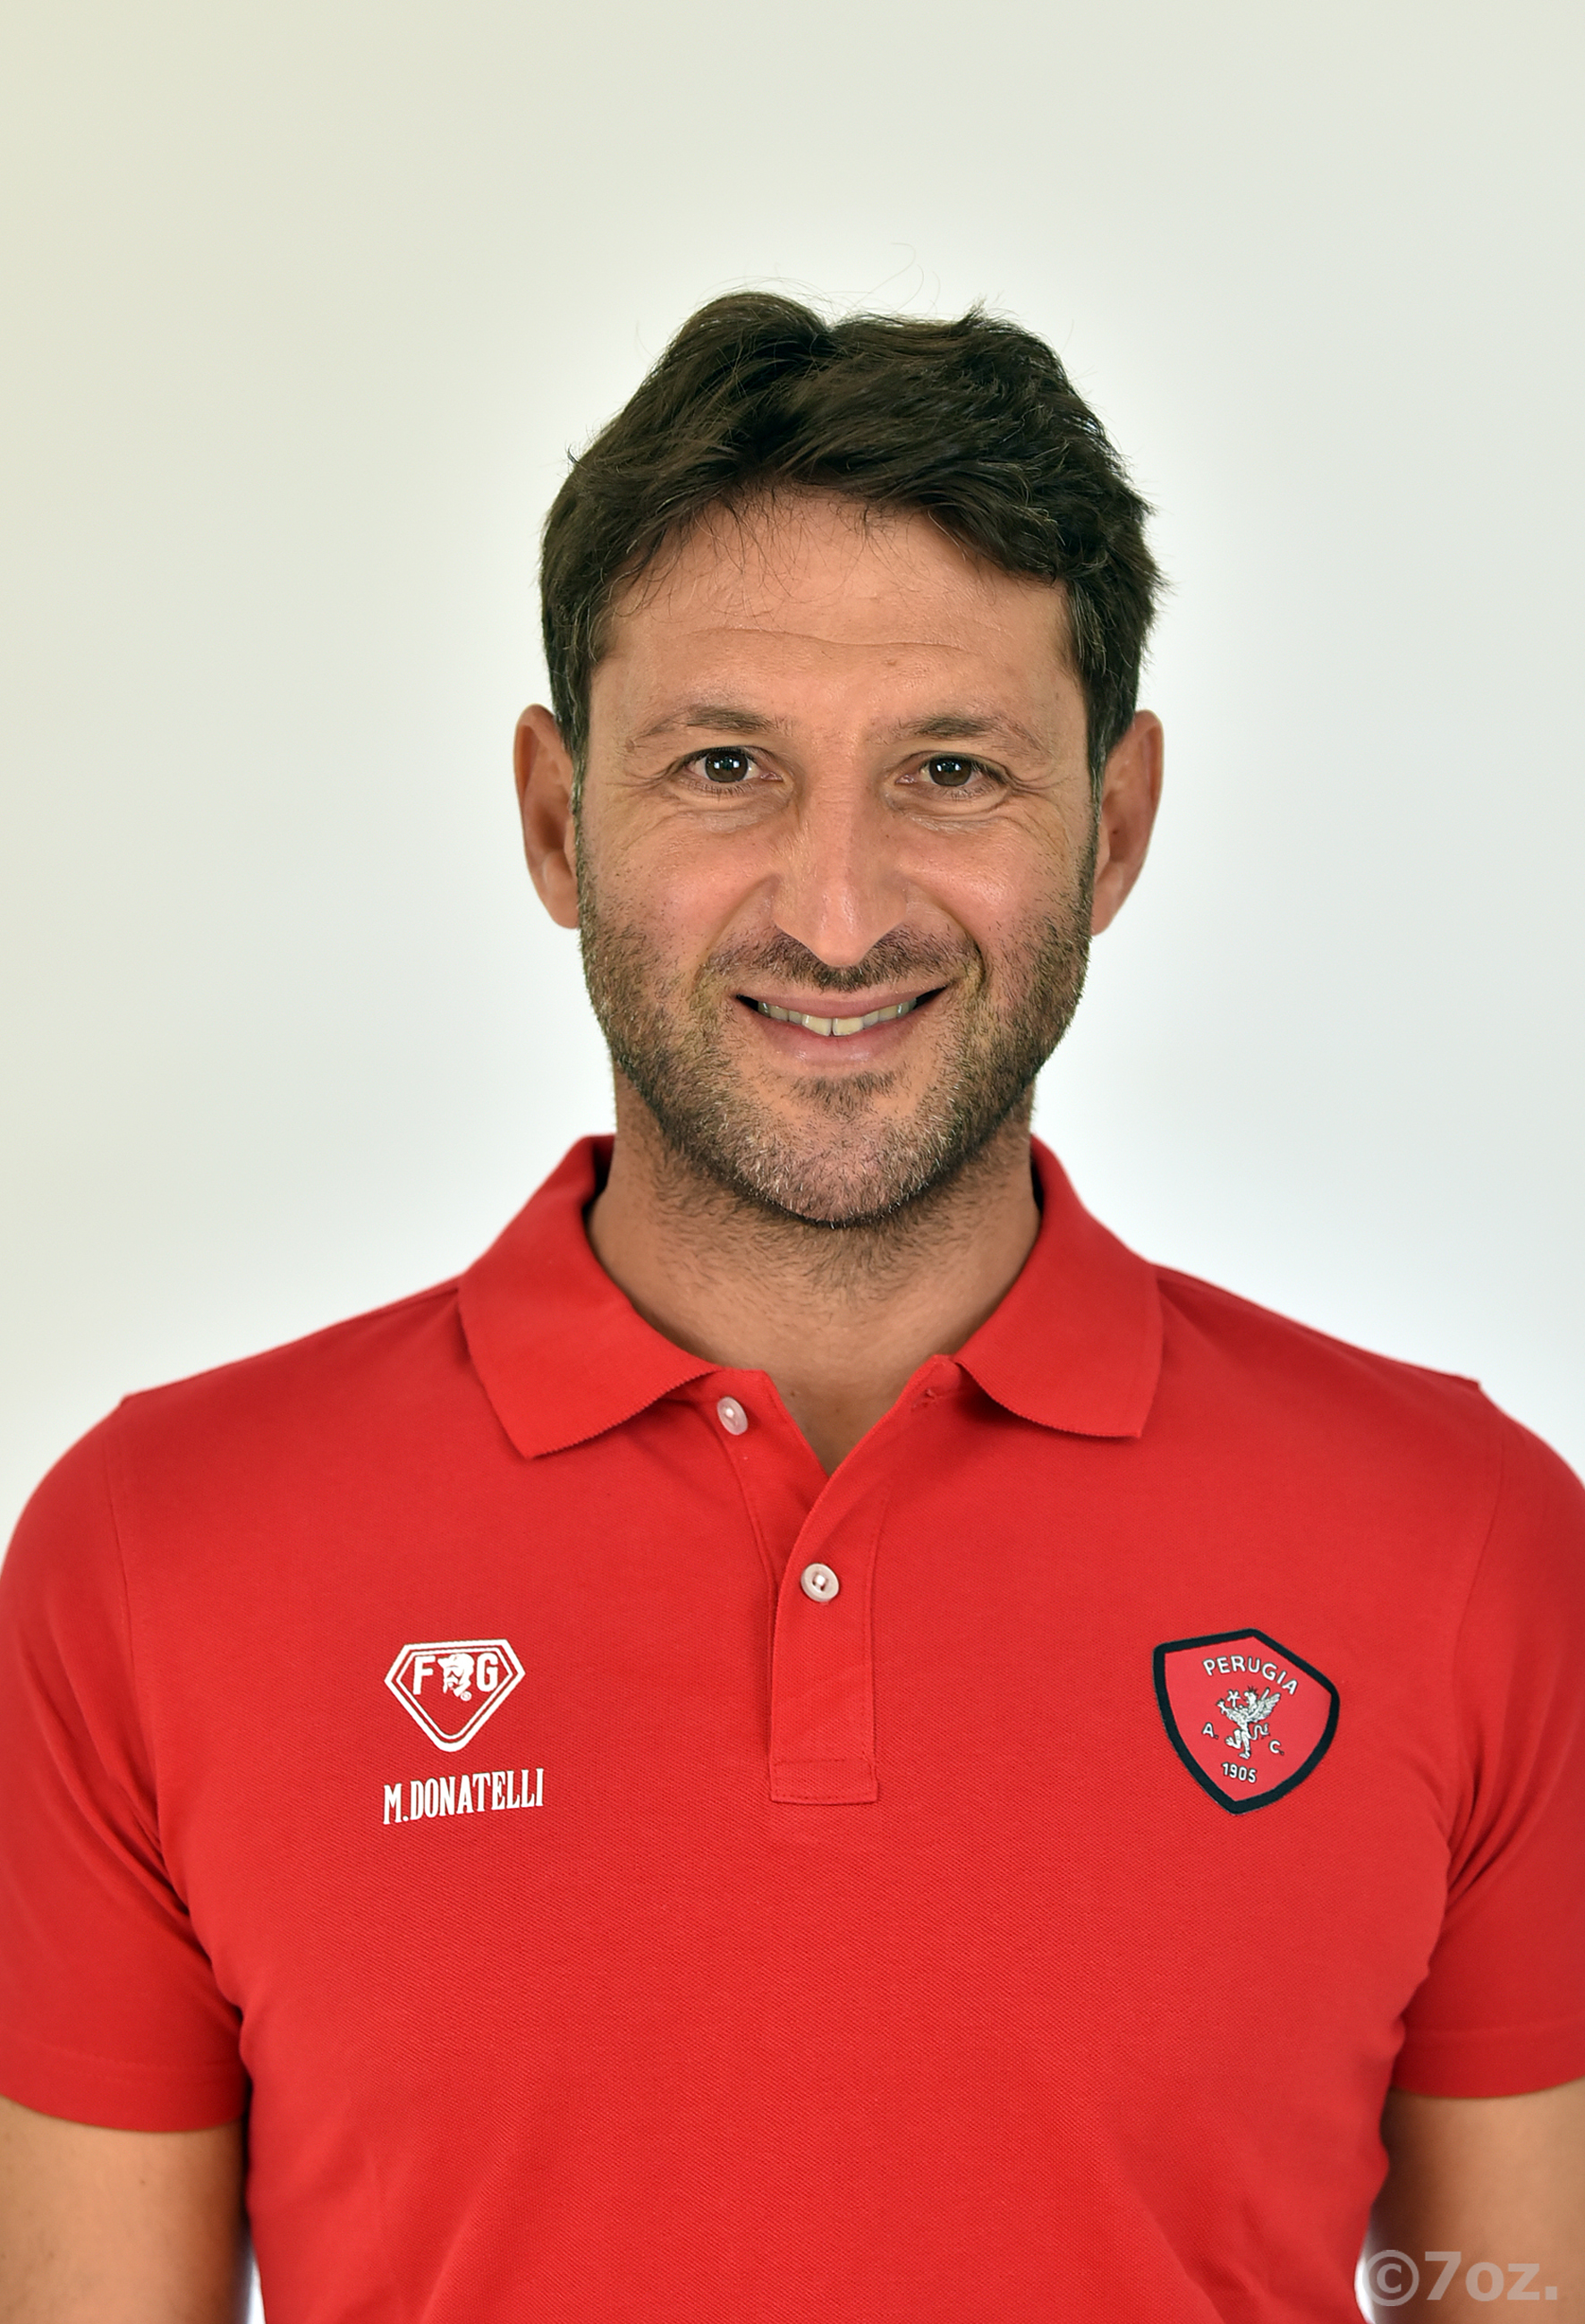 Marcello DonatelliVice Allenatore- A.C. Perugia Calcio